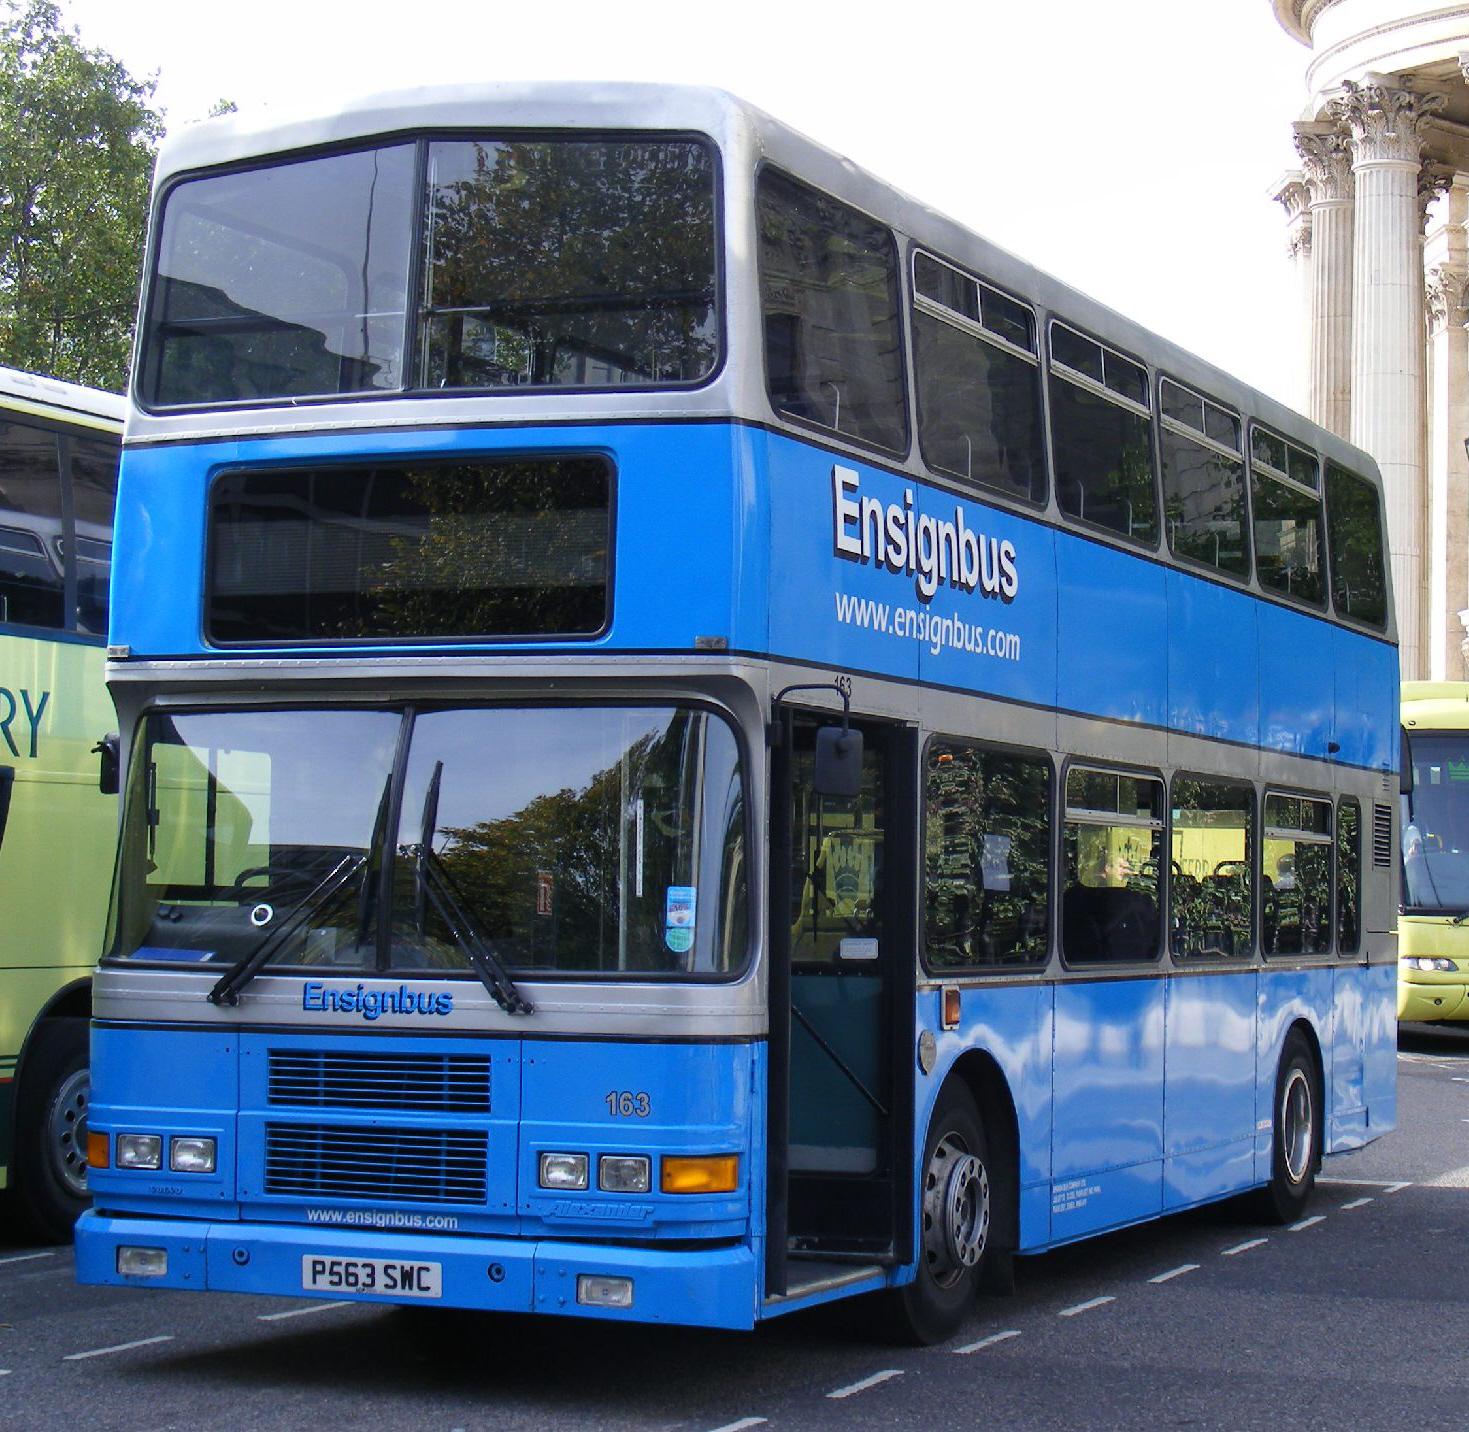 File Ensignbus Bus 163 P563 Swc Ex Dublin Bus Rv341 97